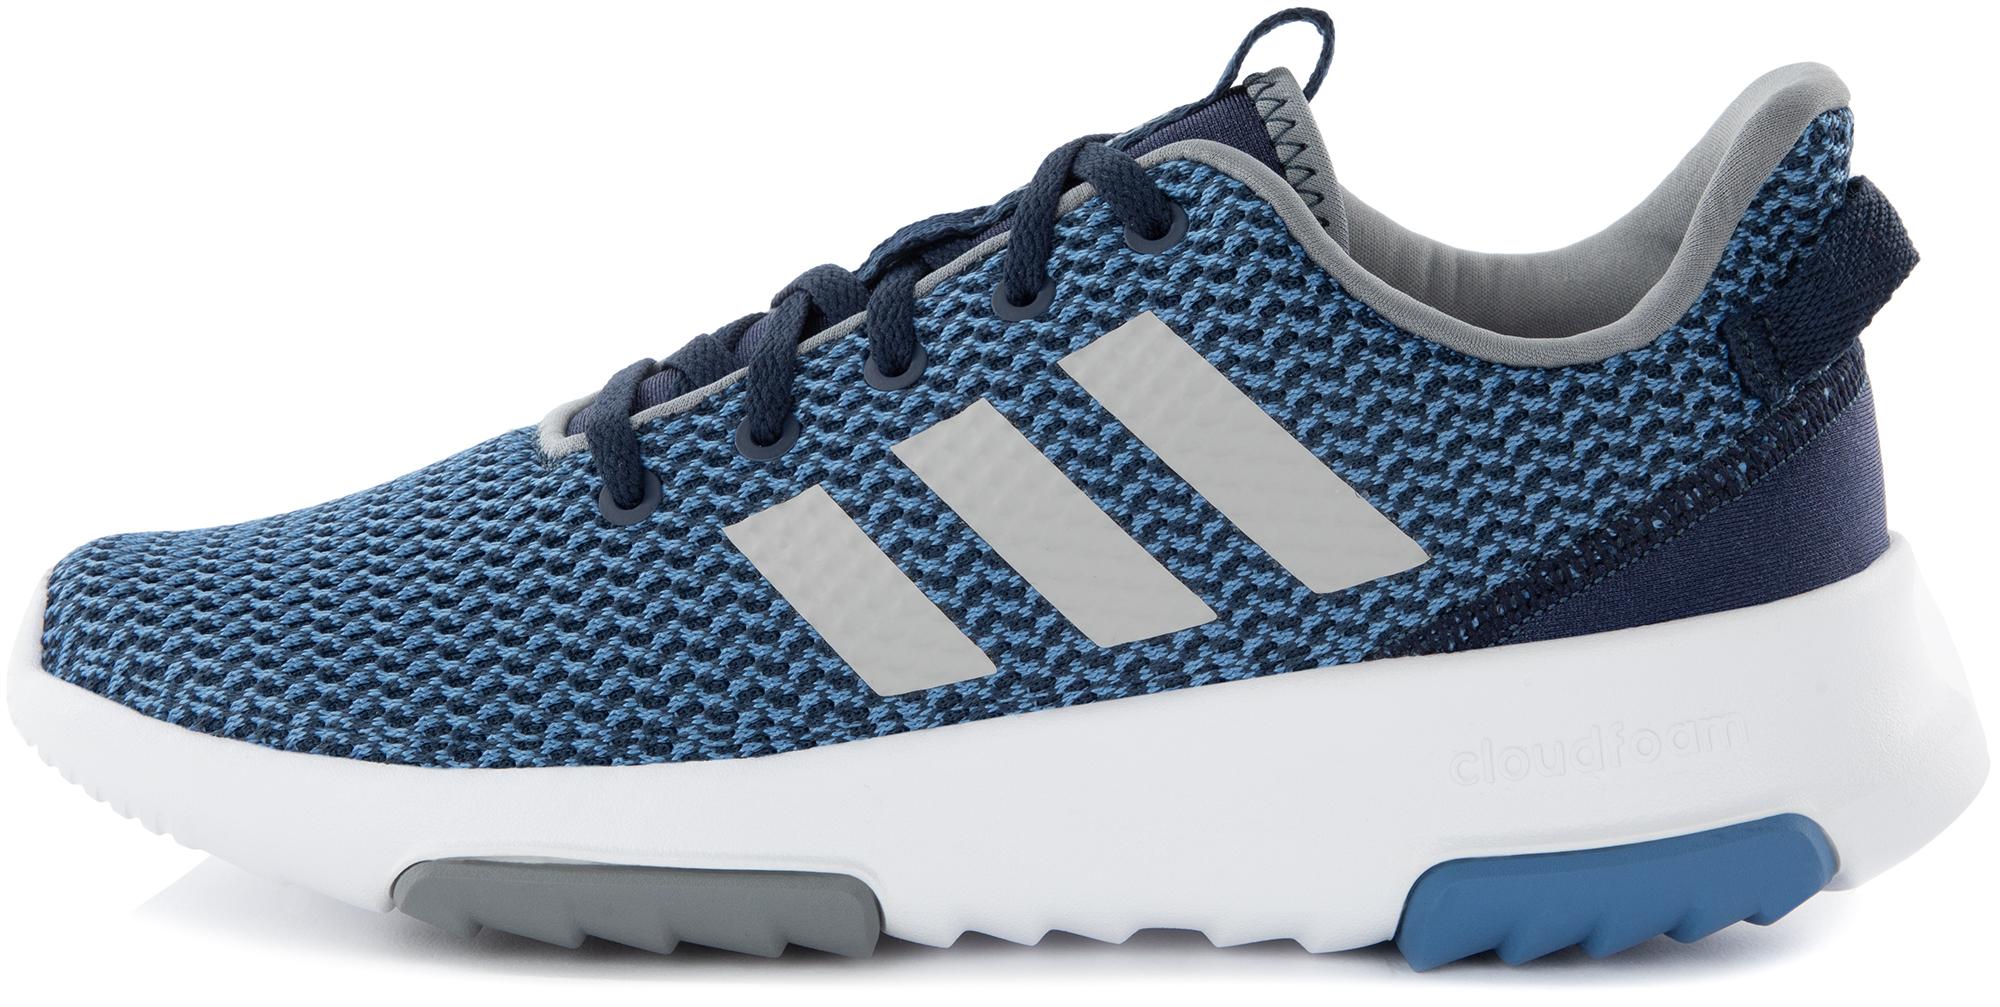 Adidas Кроссовки детские для бега Adidas RACER, размер 31 кроссовки детские adidas цвет белый cg6708 размер 31 19